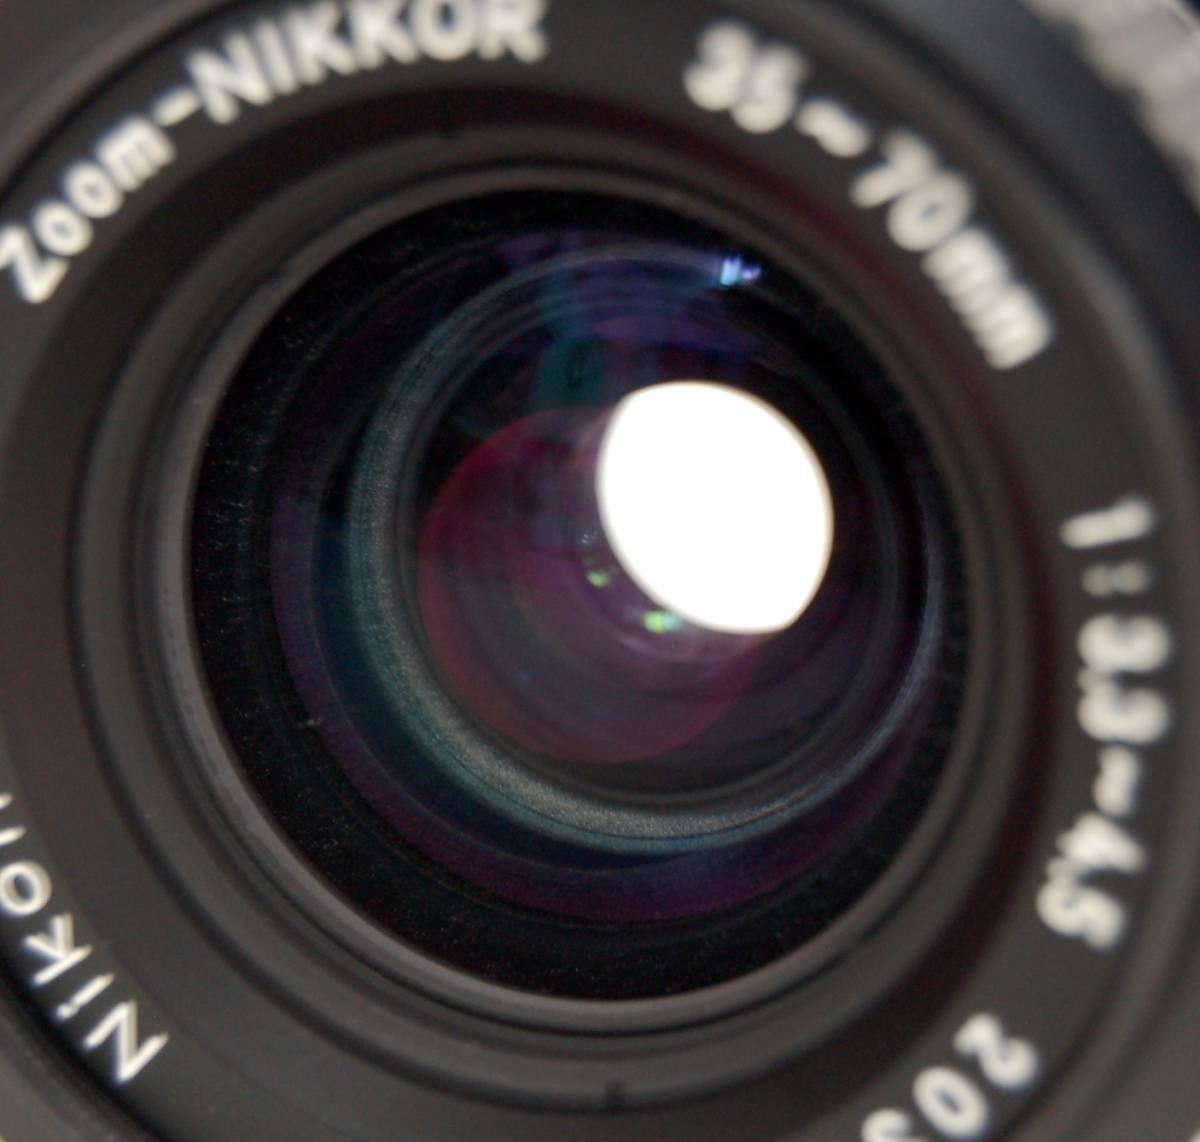 Nikon F3 ブラックボディ カメラ Zoom-NIKKOR 35-70mm 1:3.3-4.5 レンズ ニコン 一眼レフカメラ セット カバー付き ジャンク 1円から_画像9